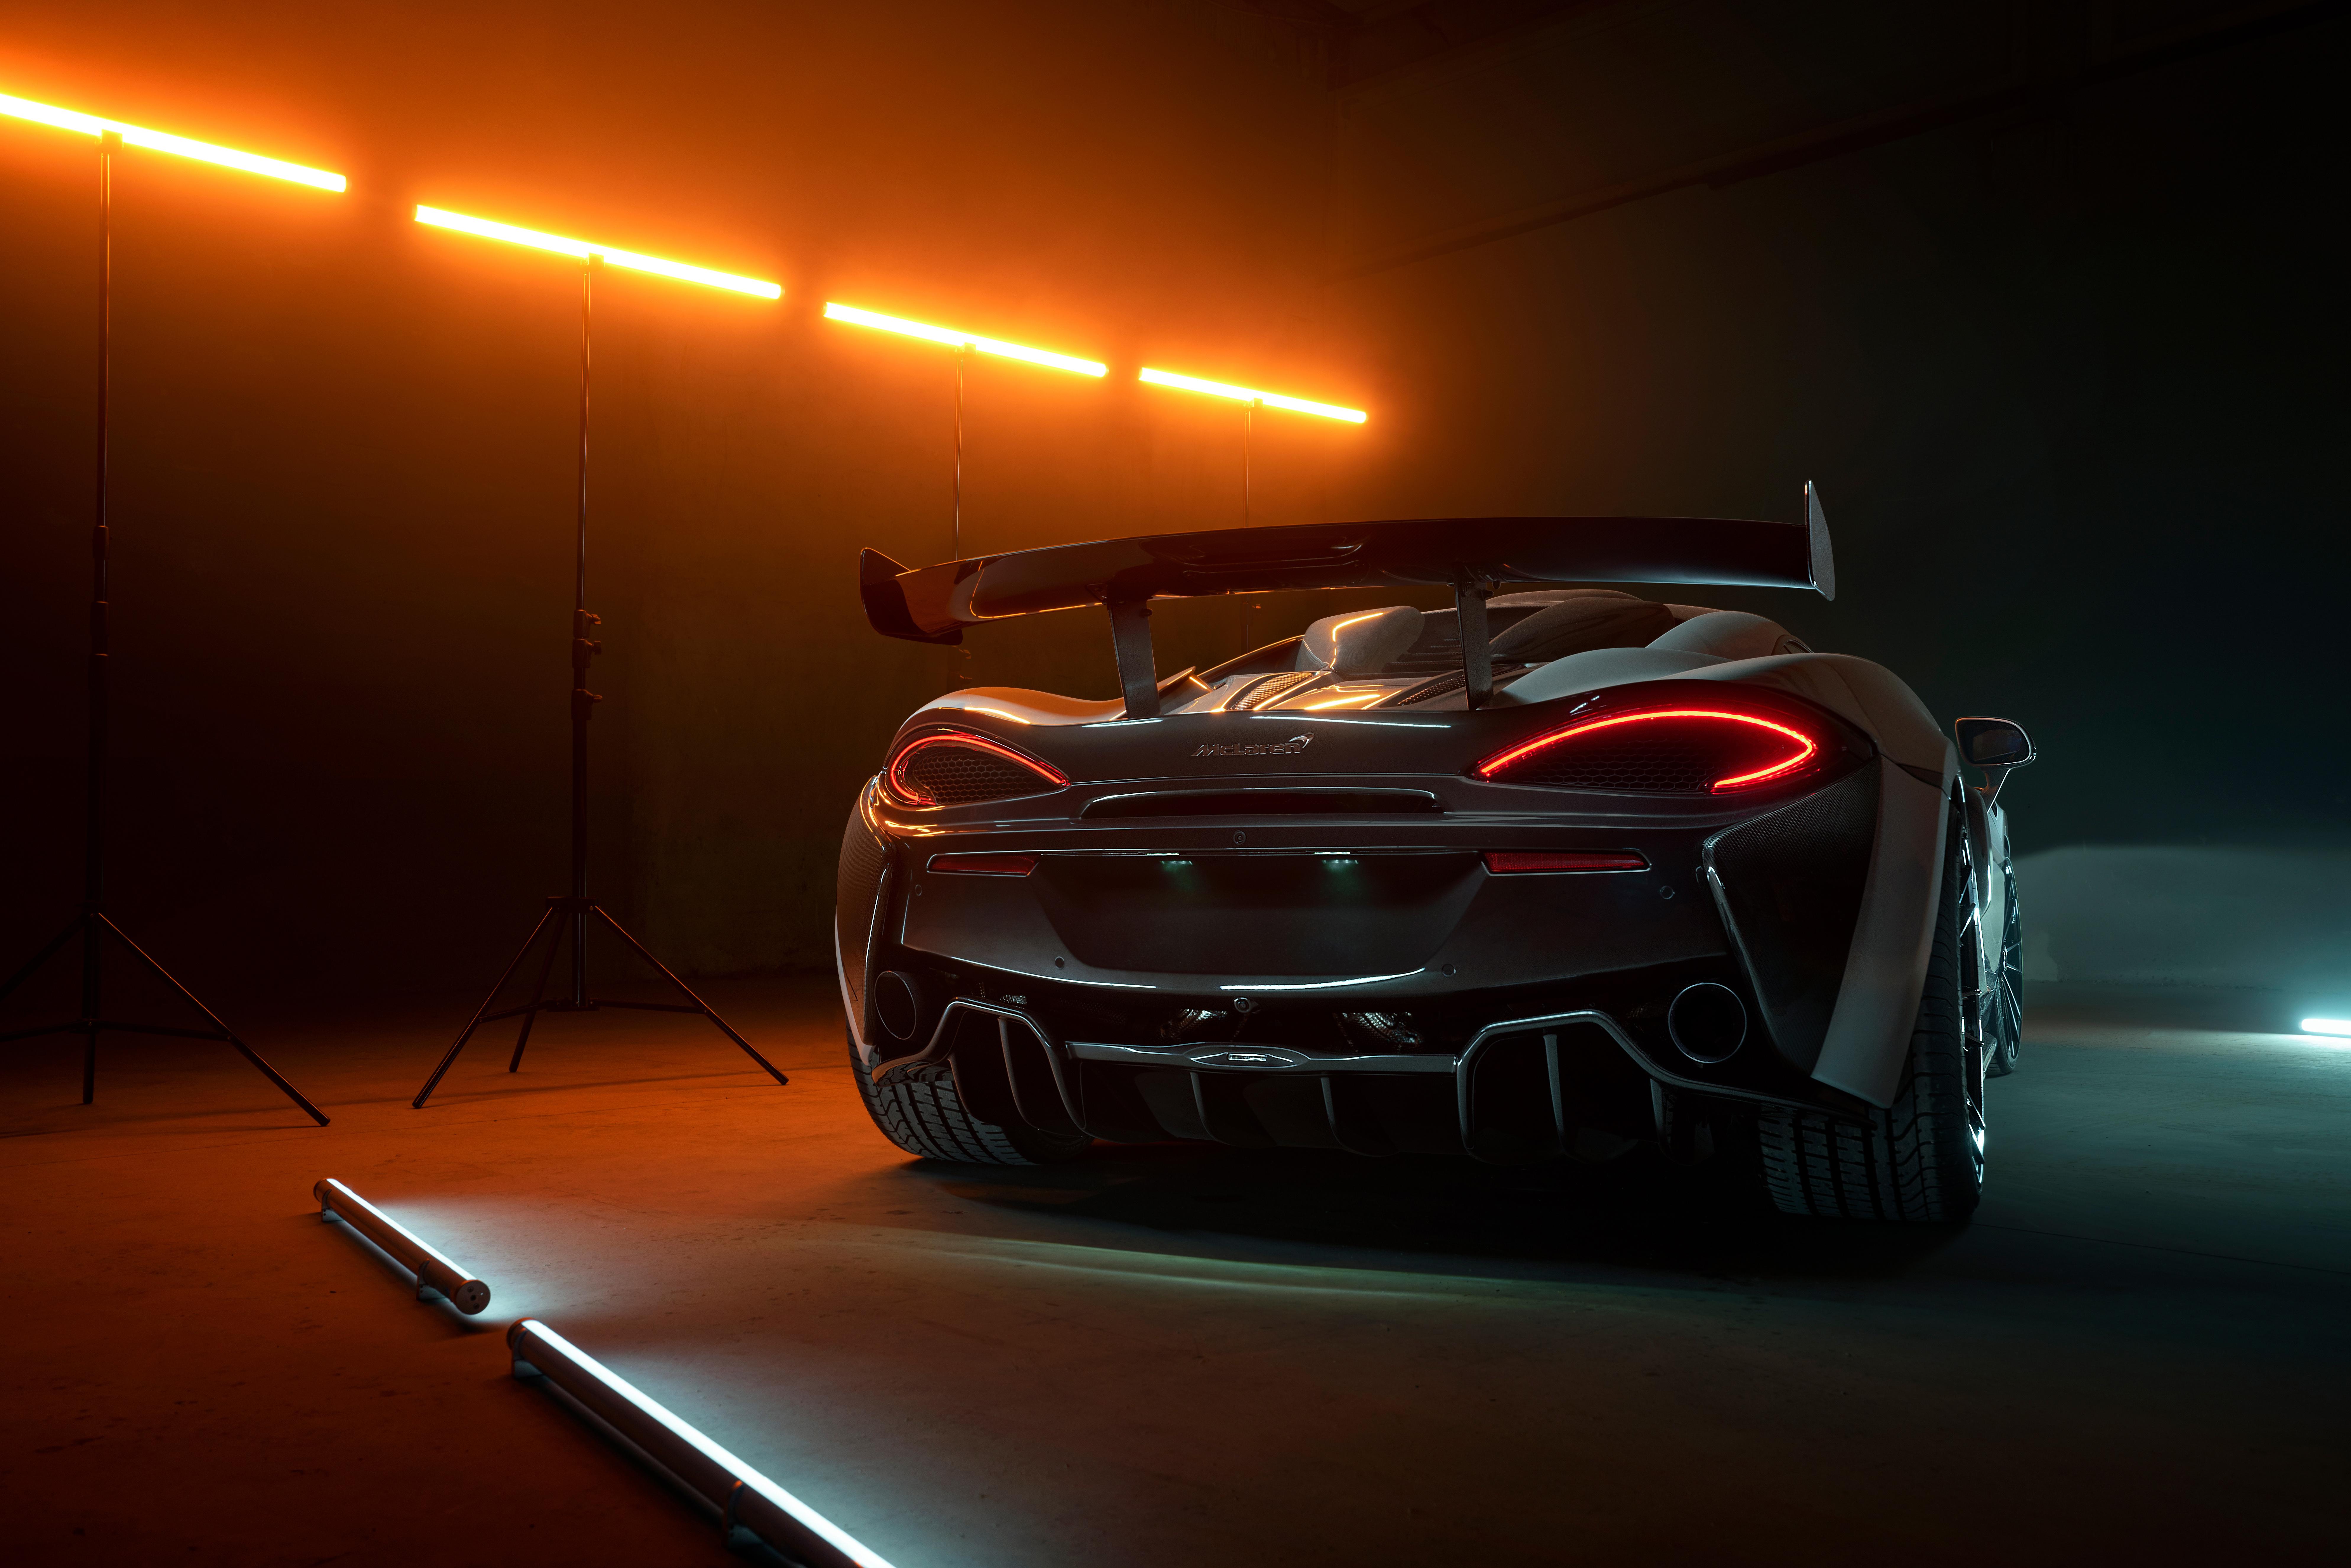 novitec mclaren 620r 2021 4k 1608979982 - Novitec McLaren 620R 2021 4k - Novitec McLaren 620R 2021 4k wallpapers